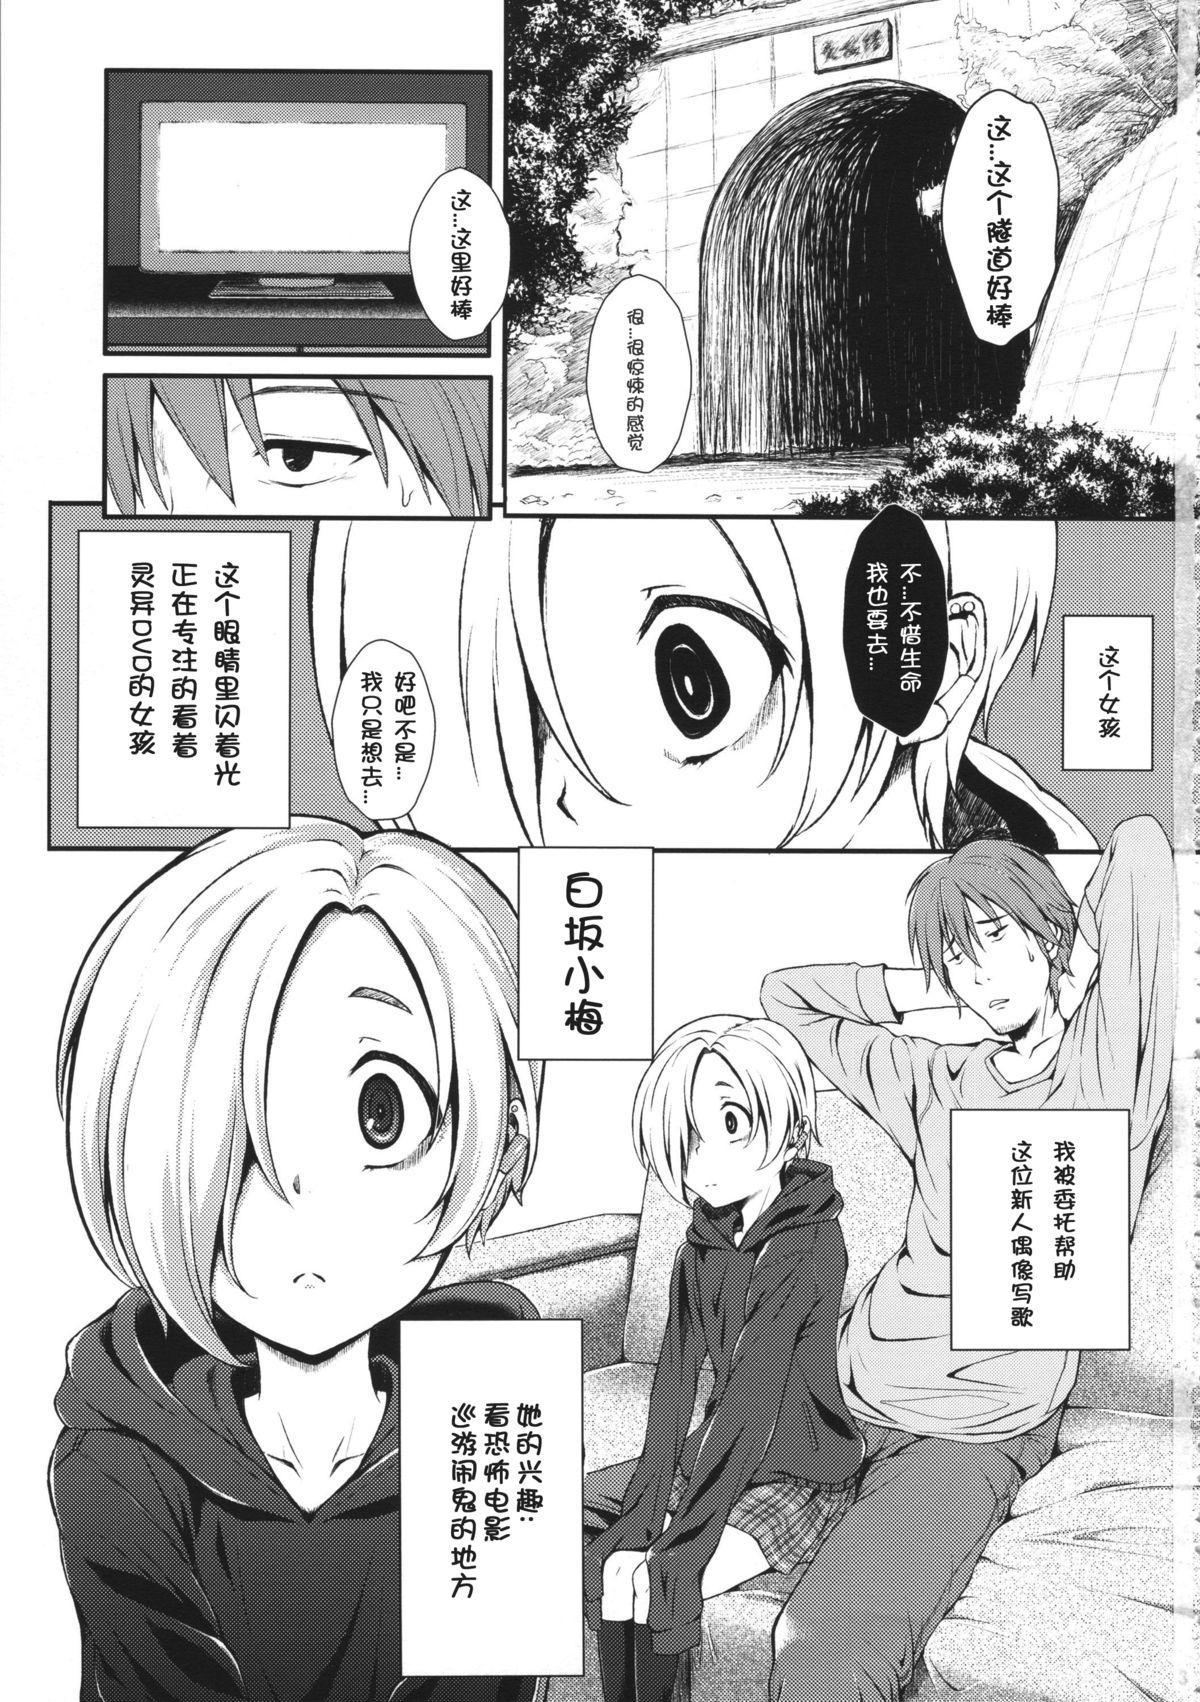 Watashi no Arika 1